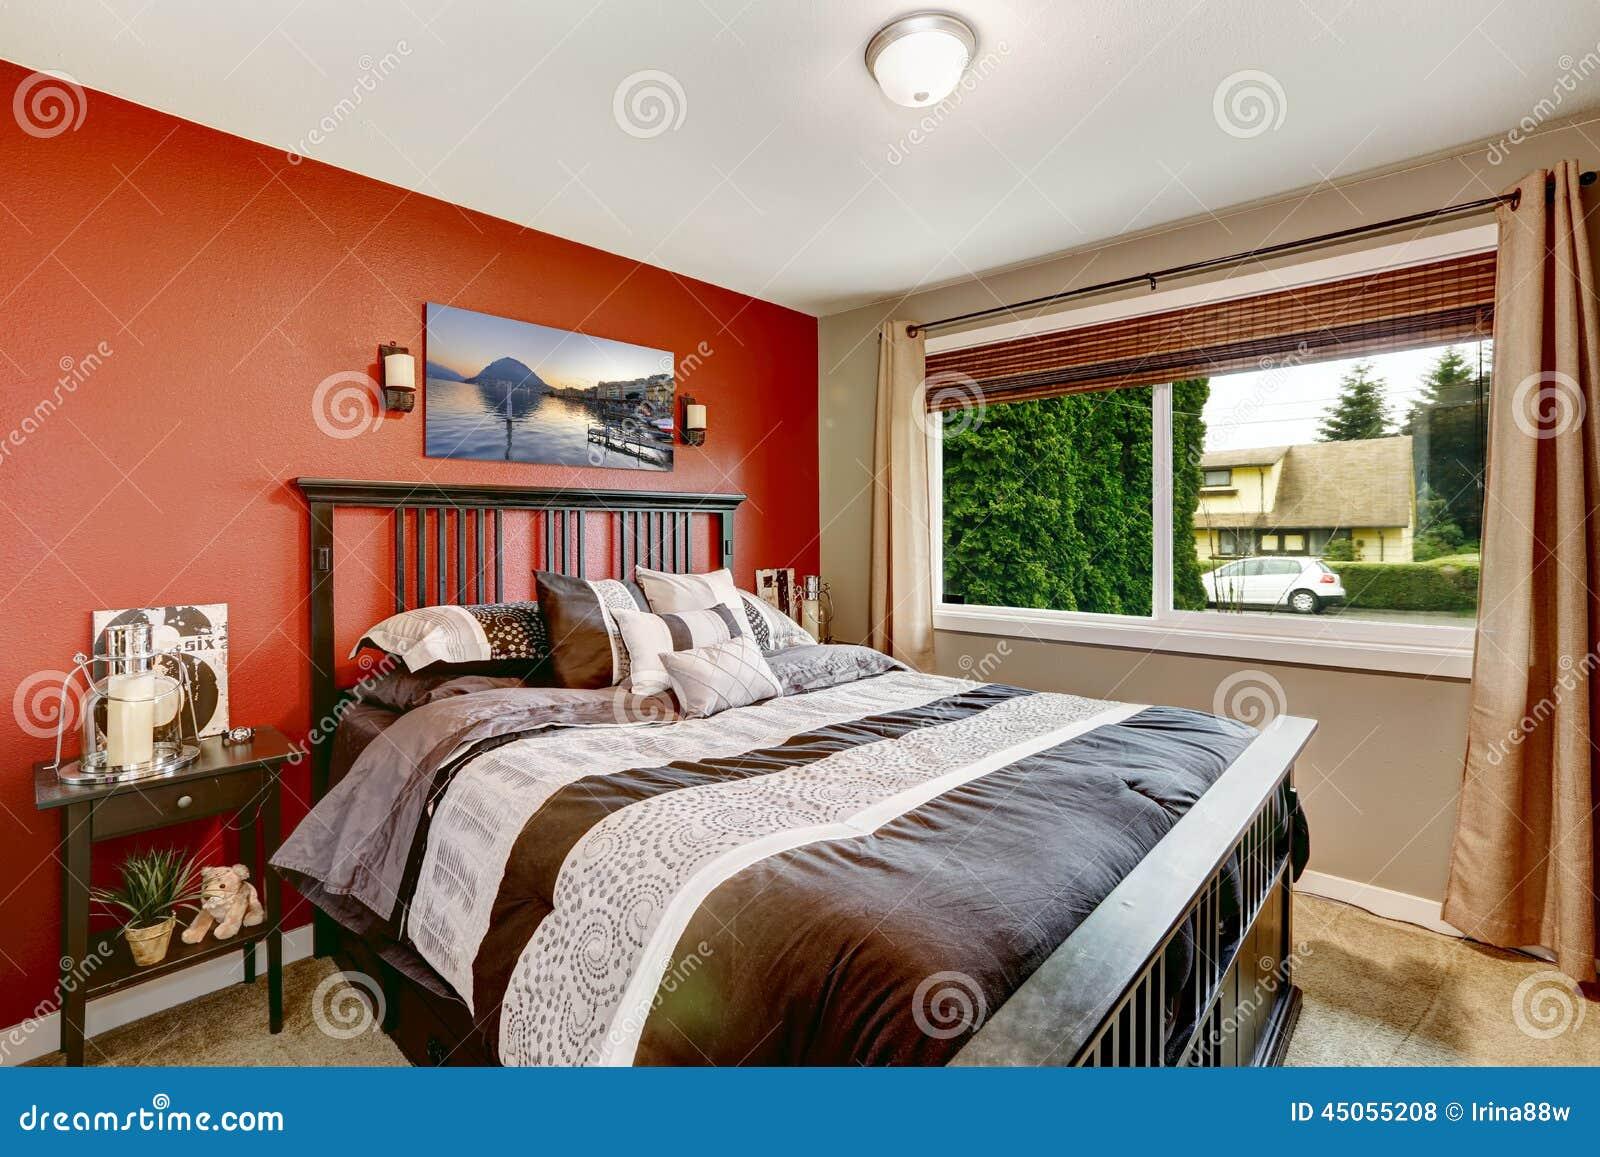 Colori muri camera da letto stunning colore parete - Colorare le pareti della camera da letto ...